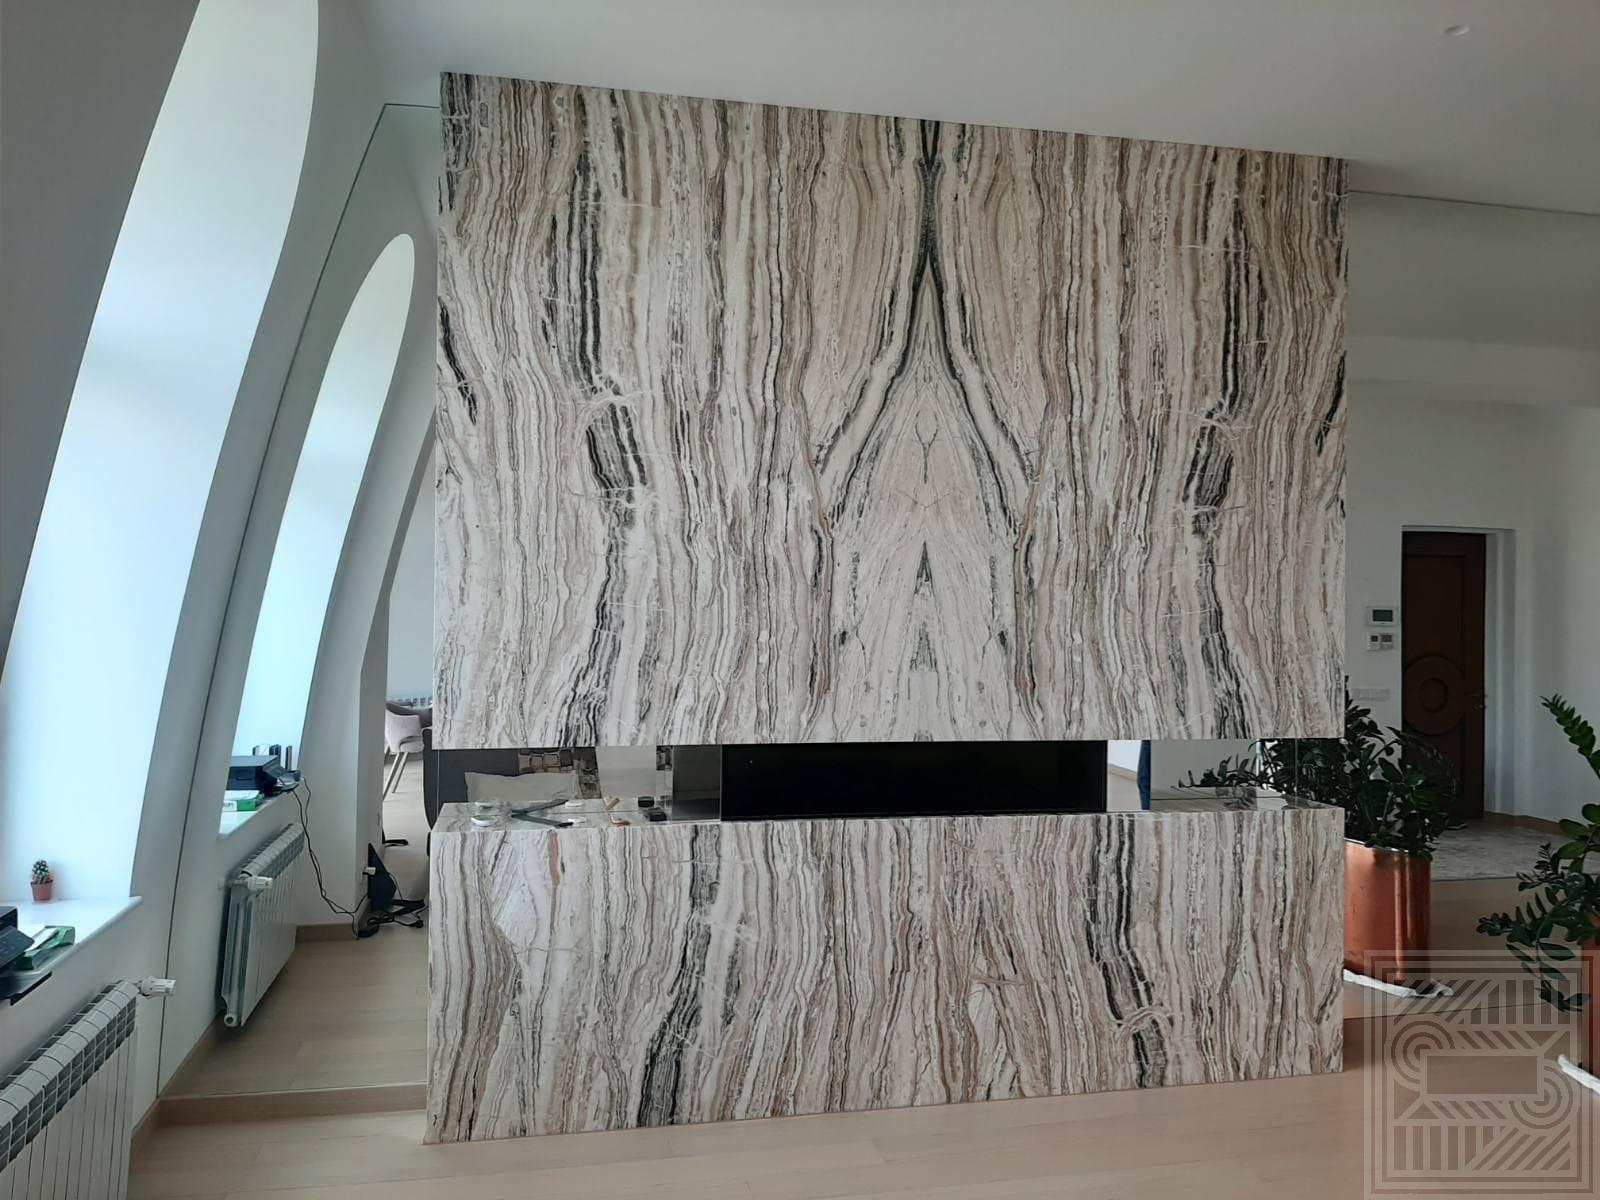 Камин облицован ониксом Jurassico fireplace-onyx - IMG 20200731 223238 222